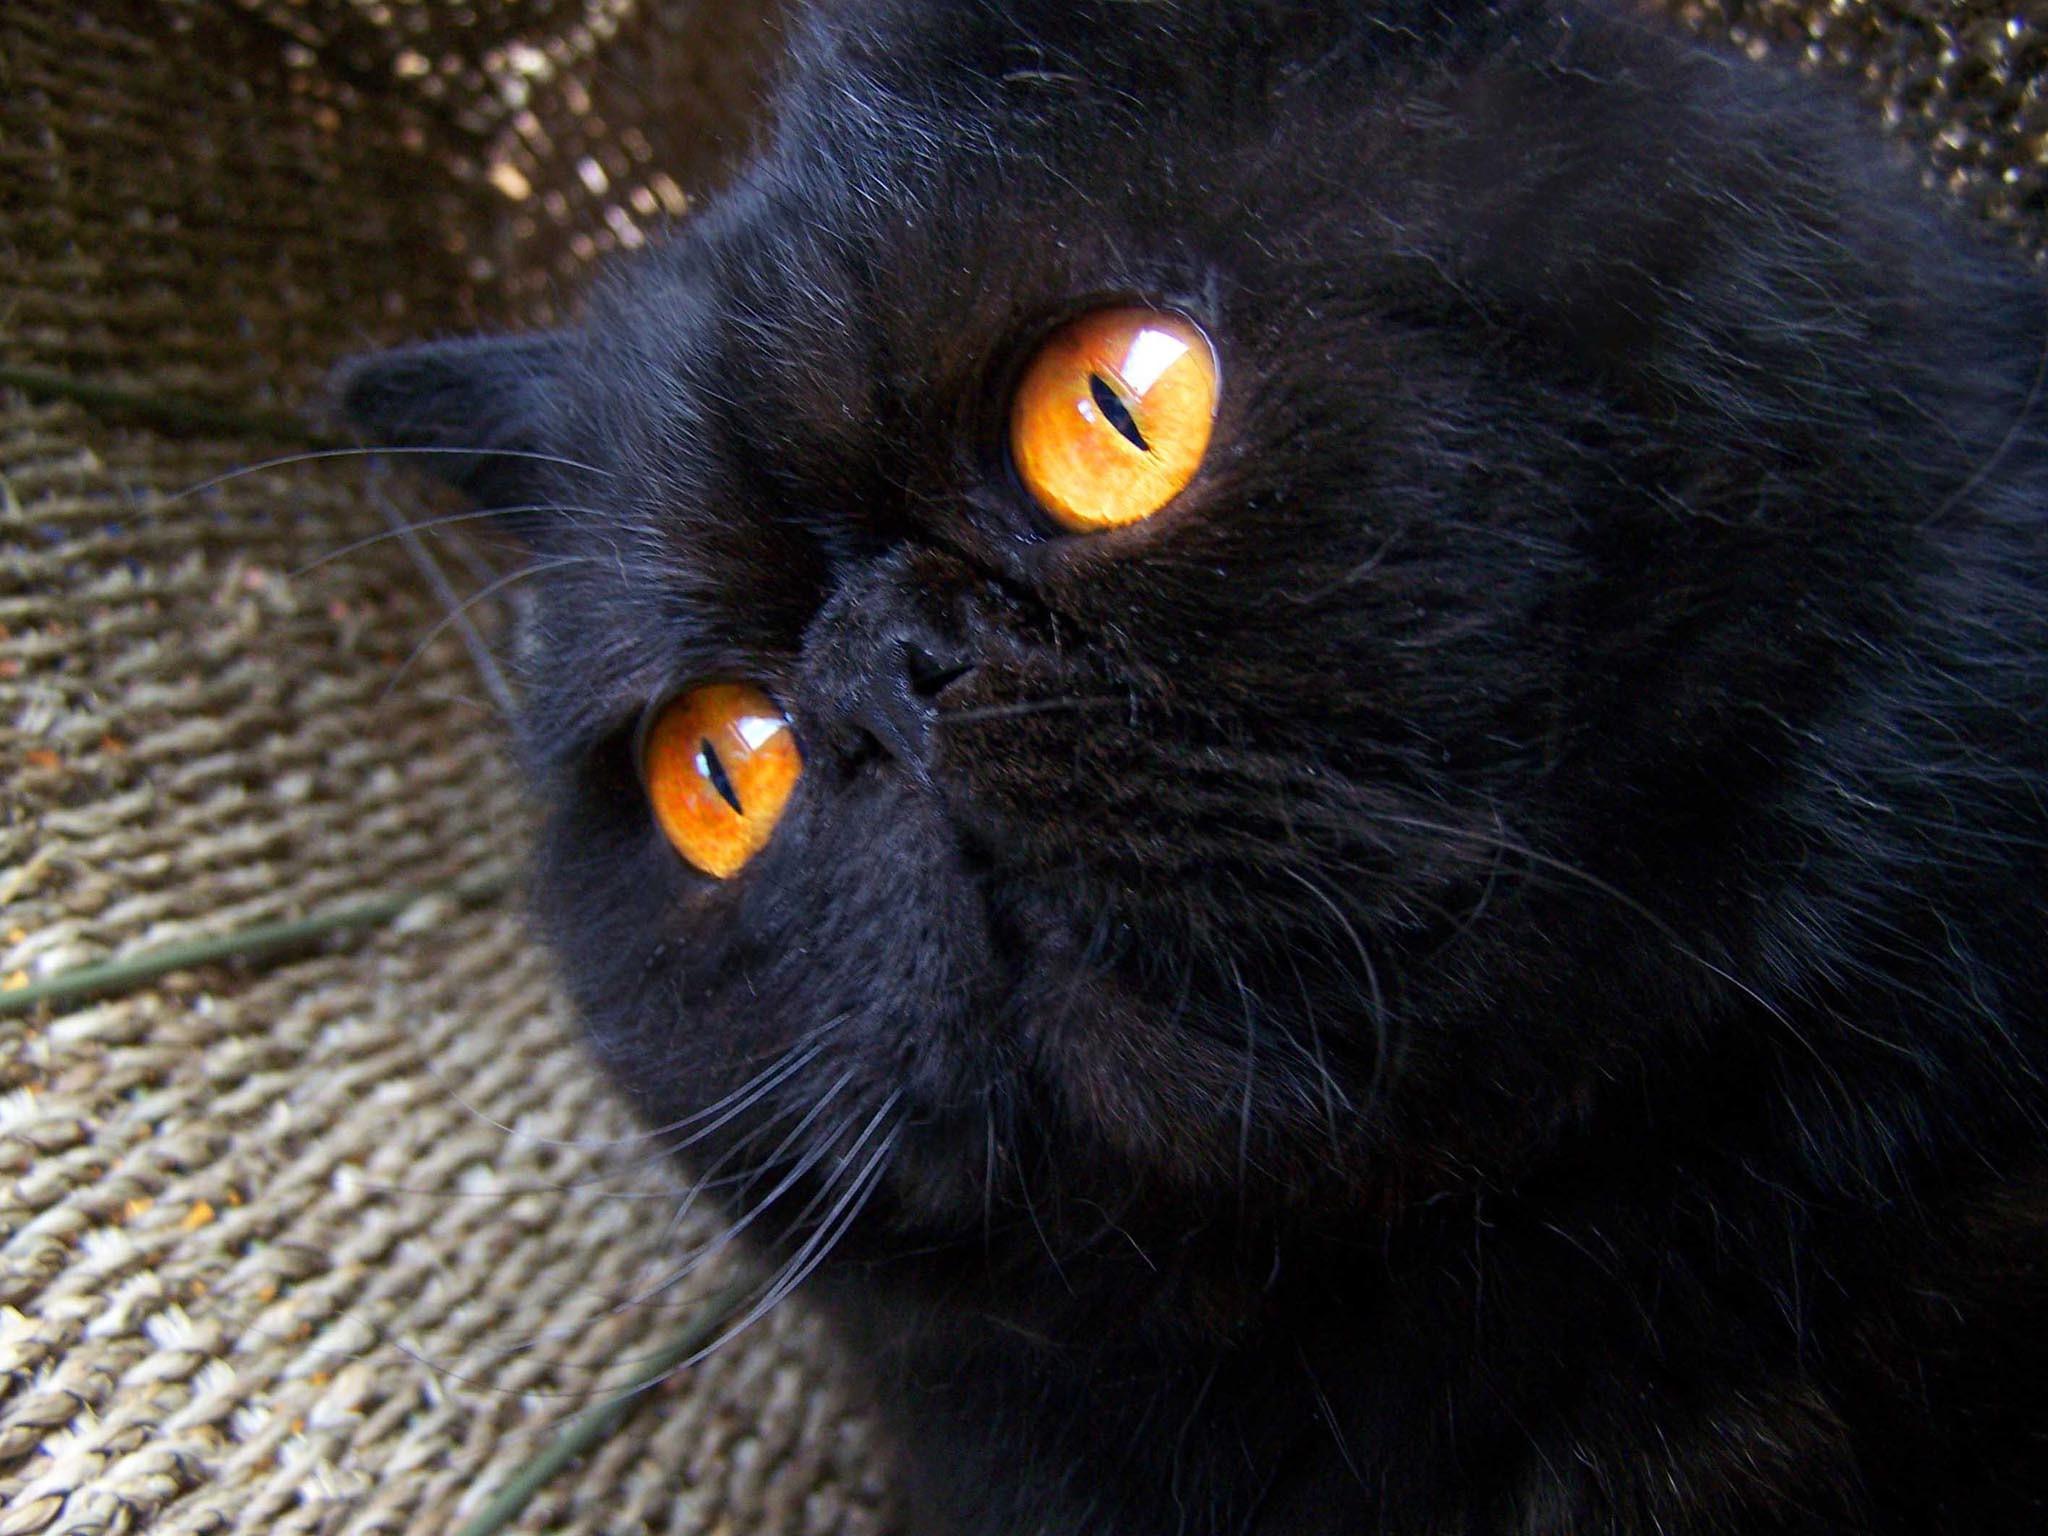 Black Cat Halloween Wallpaper (51+ images)